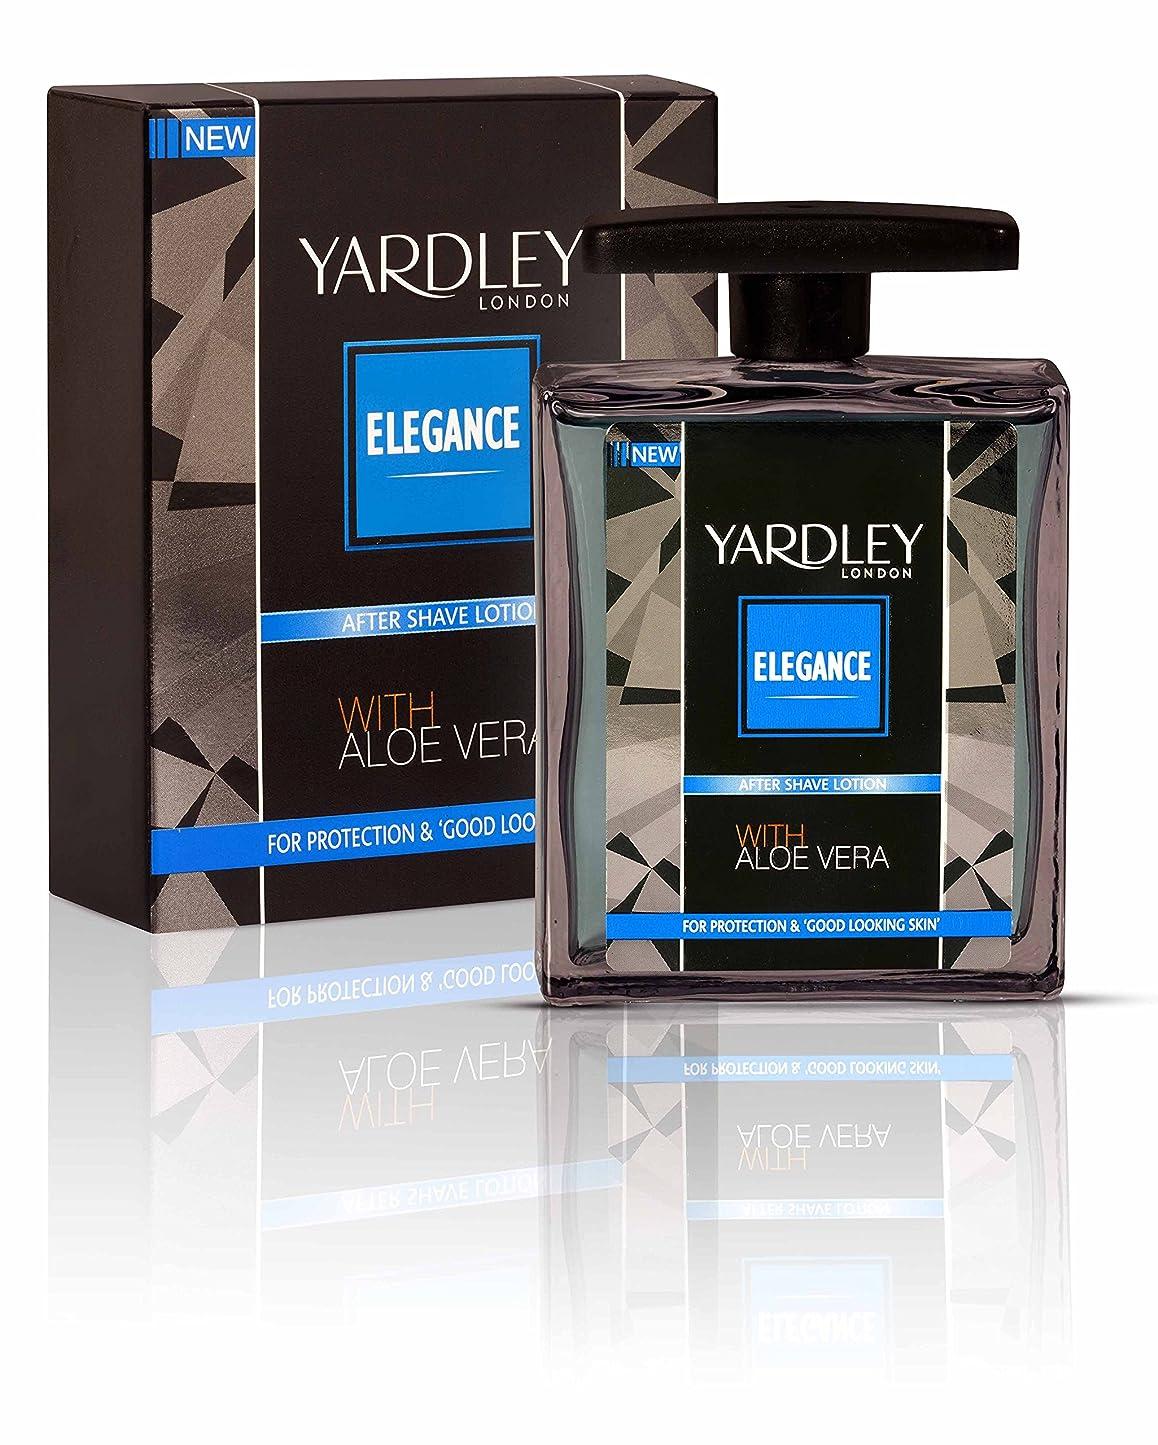 ギャロップ音楽を聴く失うYardley London Elegance After Shave Lotion With Aloe Vera 50ml